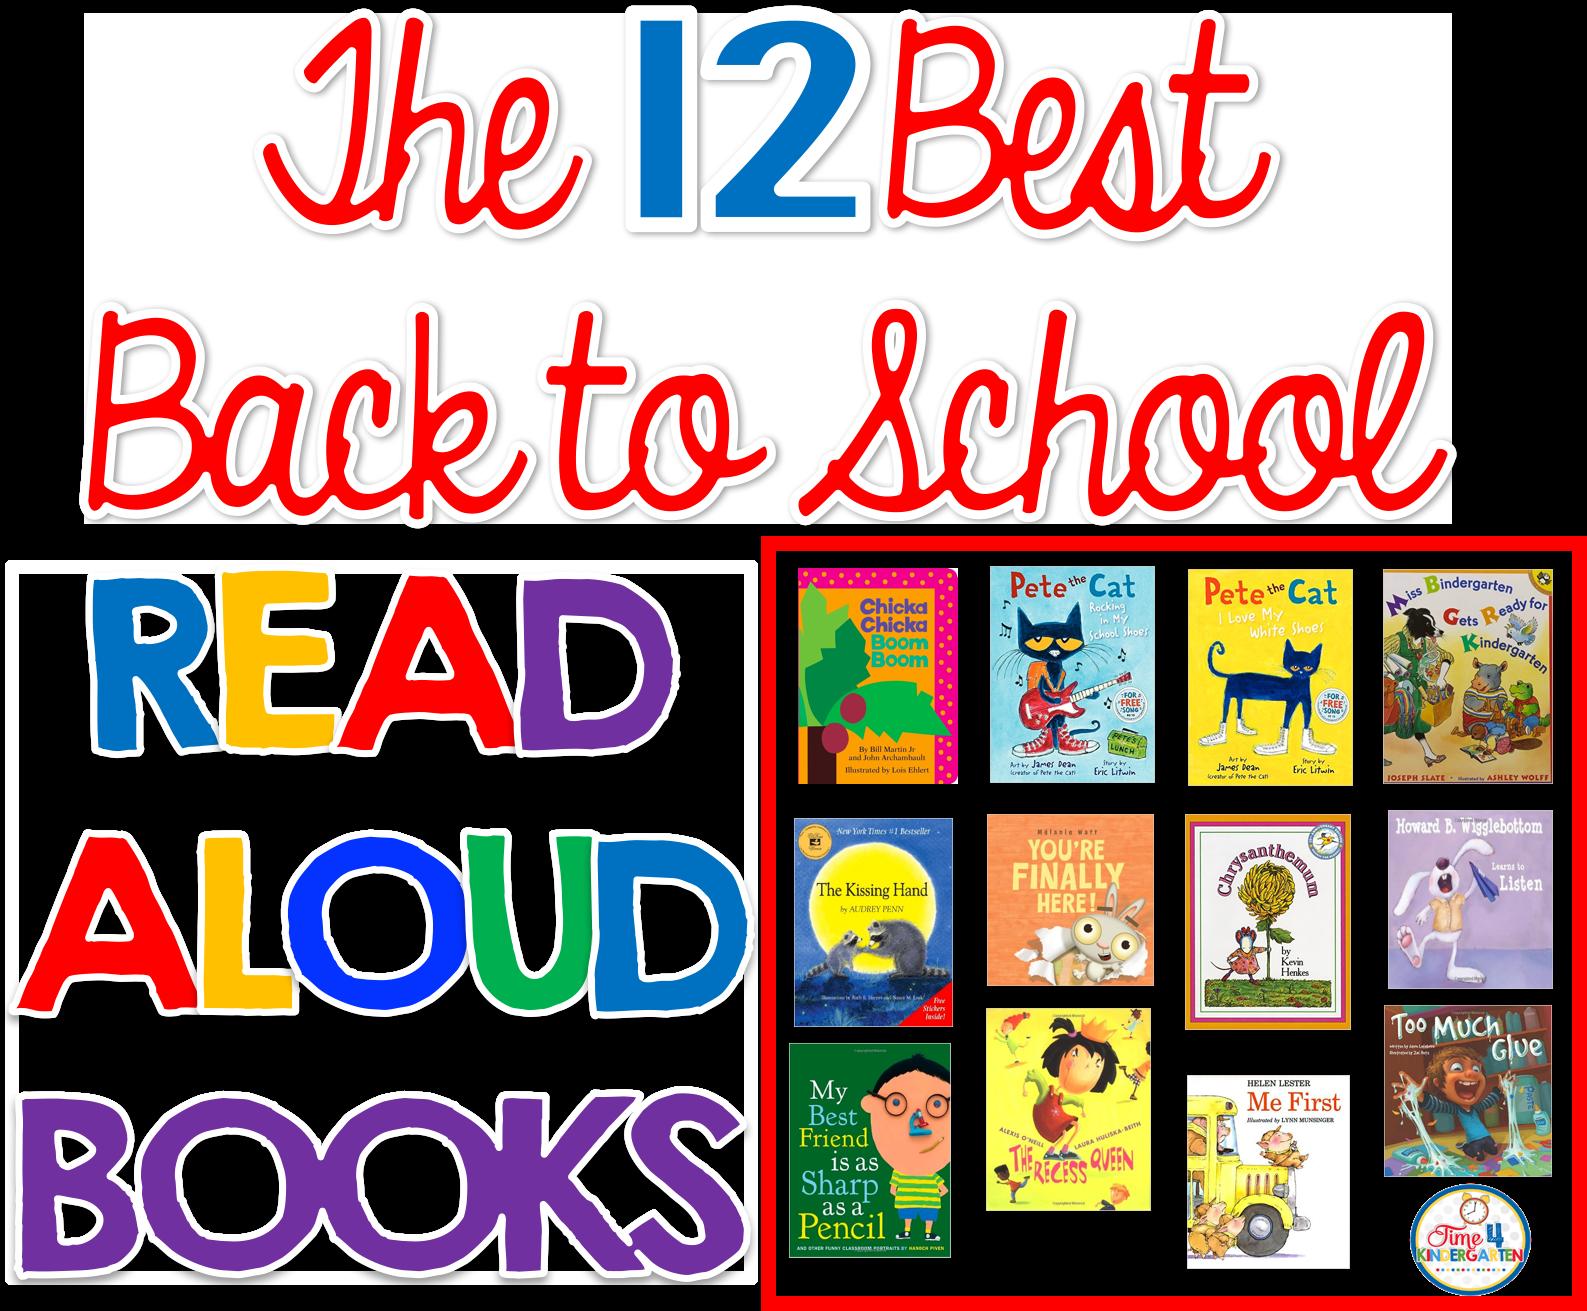 back%2Bto%2Bschool%2Bread%2Balouds2 - Best Read Alouds For Kindergarten